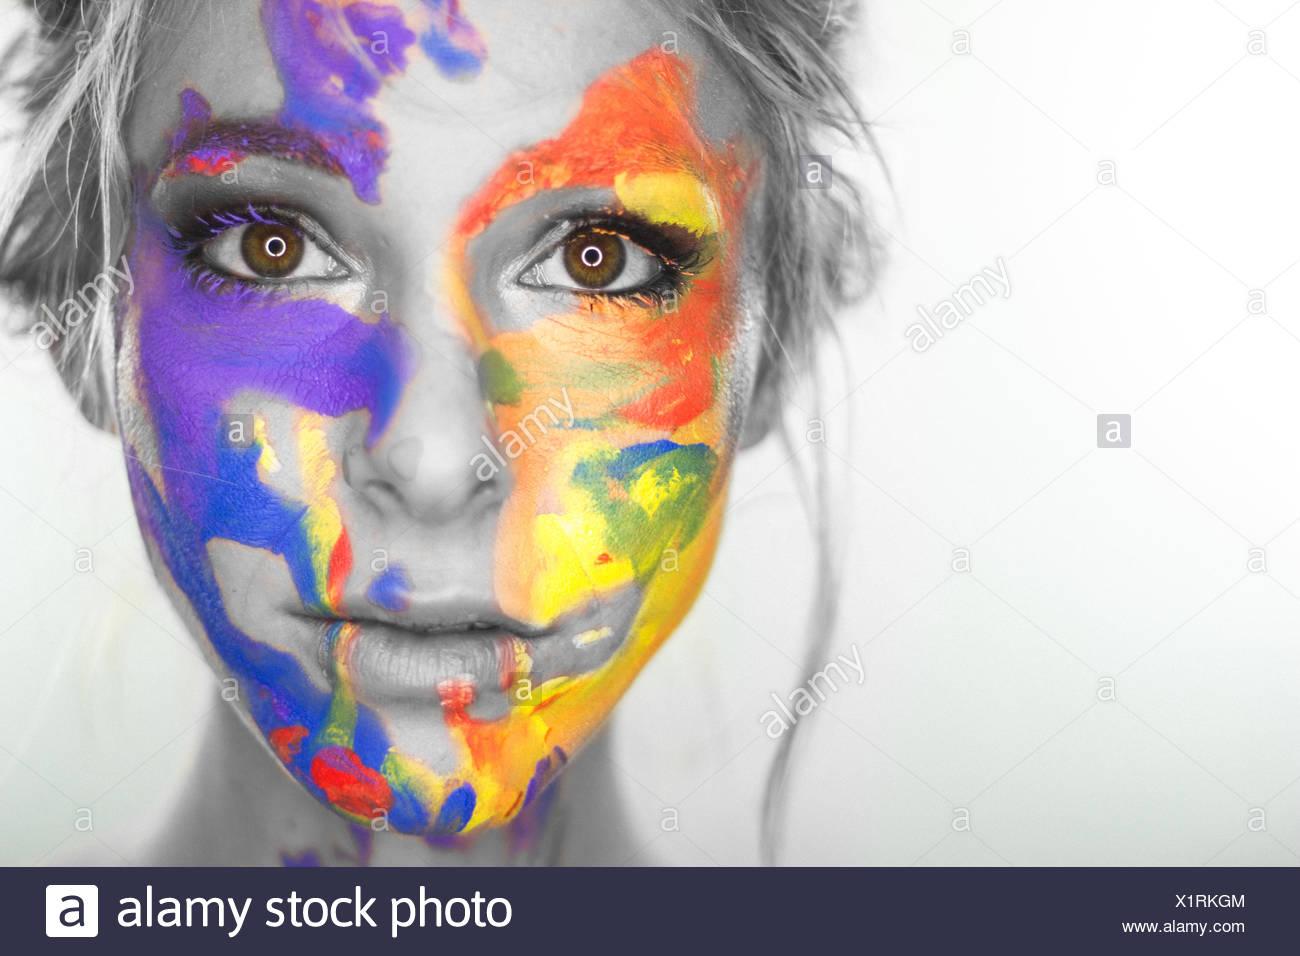 Studioaufnahme von Frauenkopf mit bemaltem Gesicht Stockbild